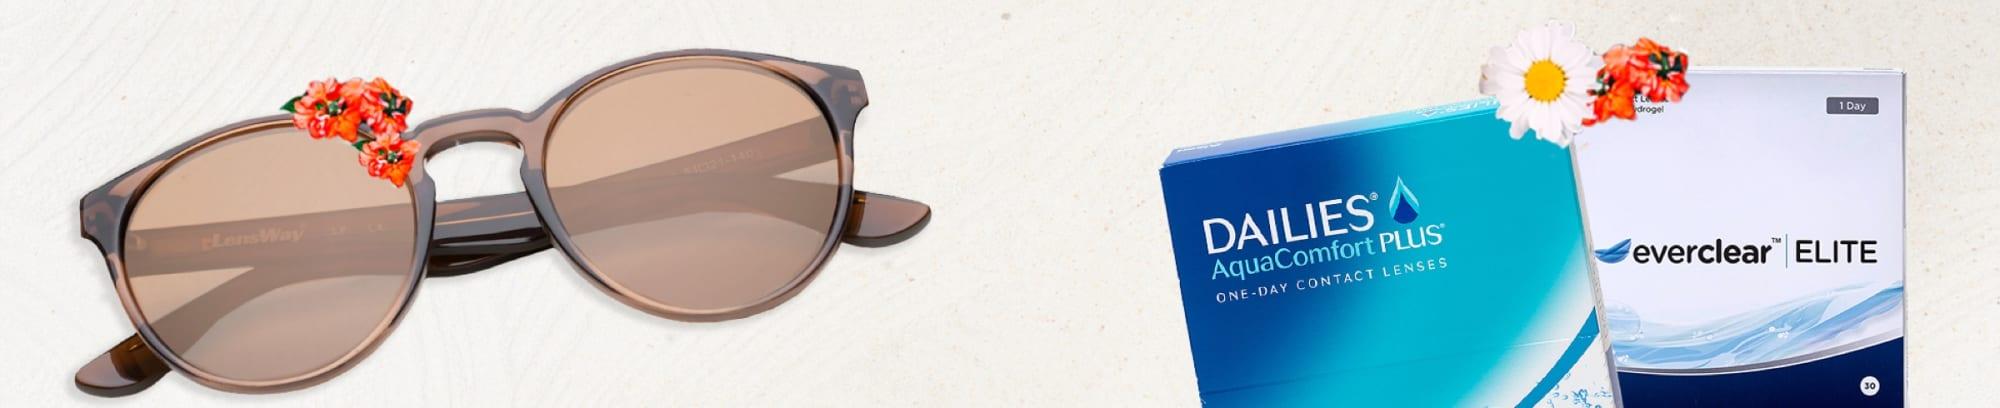 Få solbriller med i købet